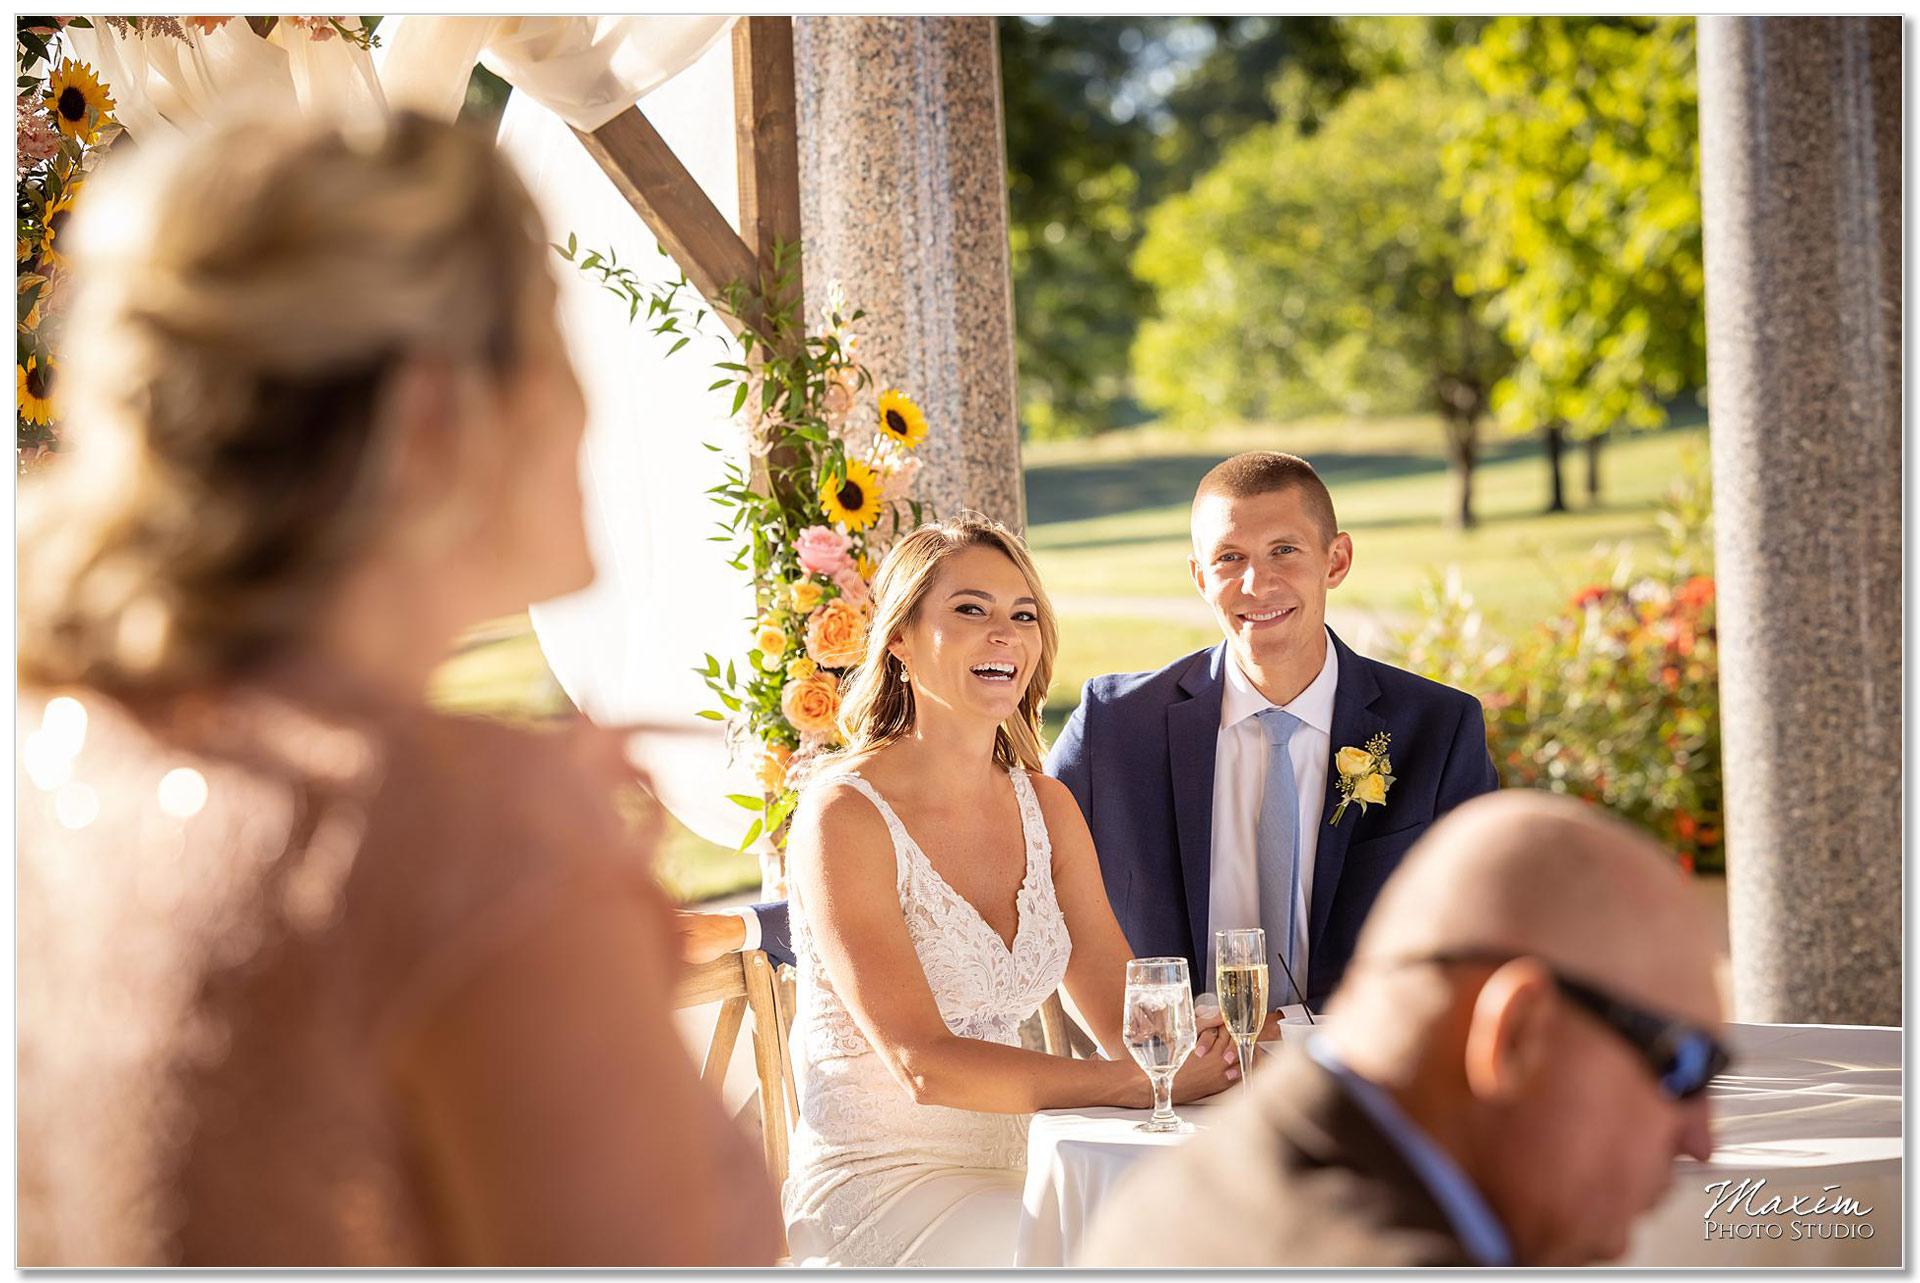 Mt. Echo Park Cincinnati Wedding Reception Toasts